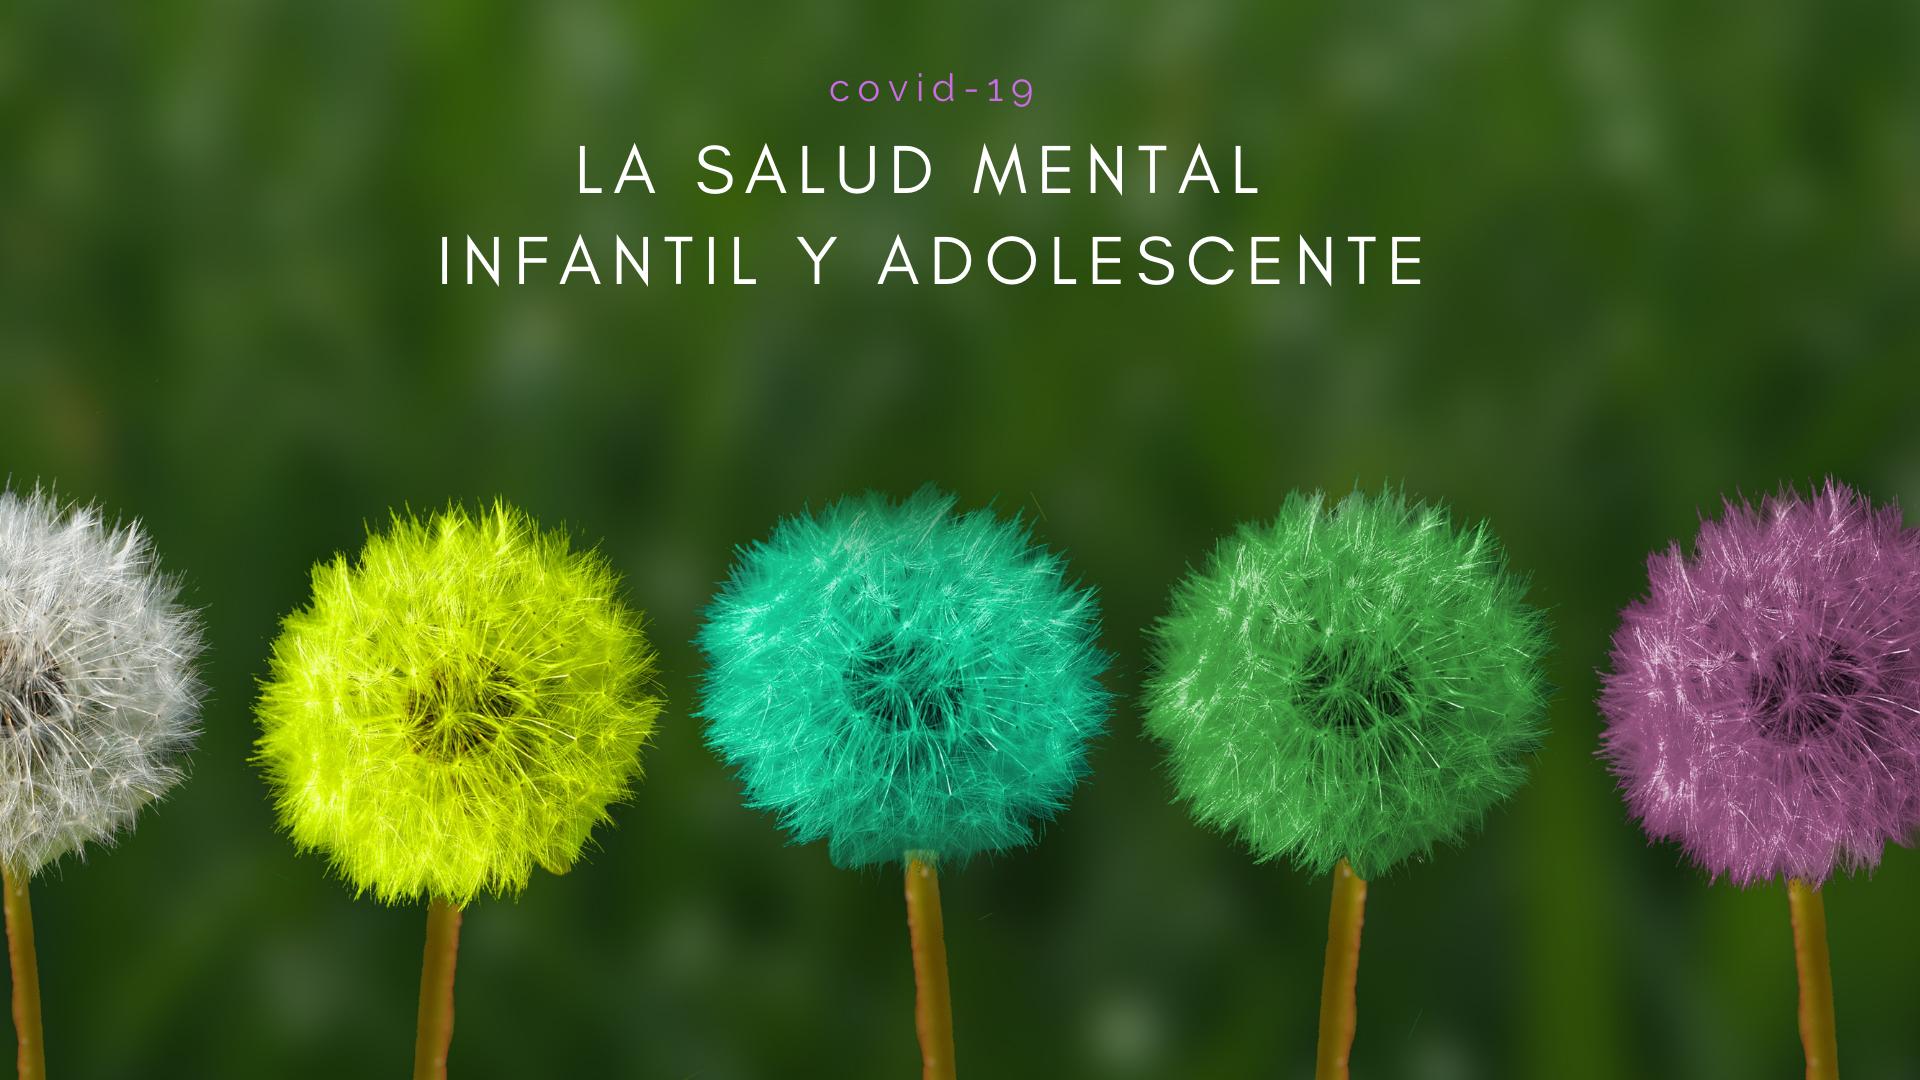 Salut mental infantil i adolescent